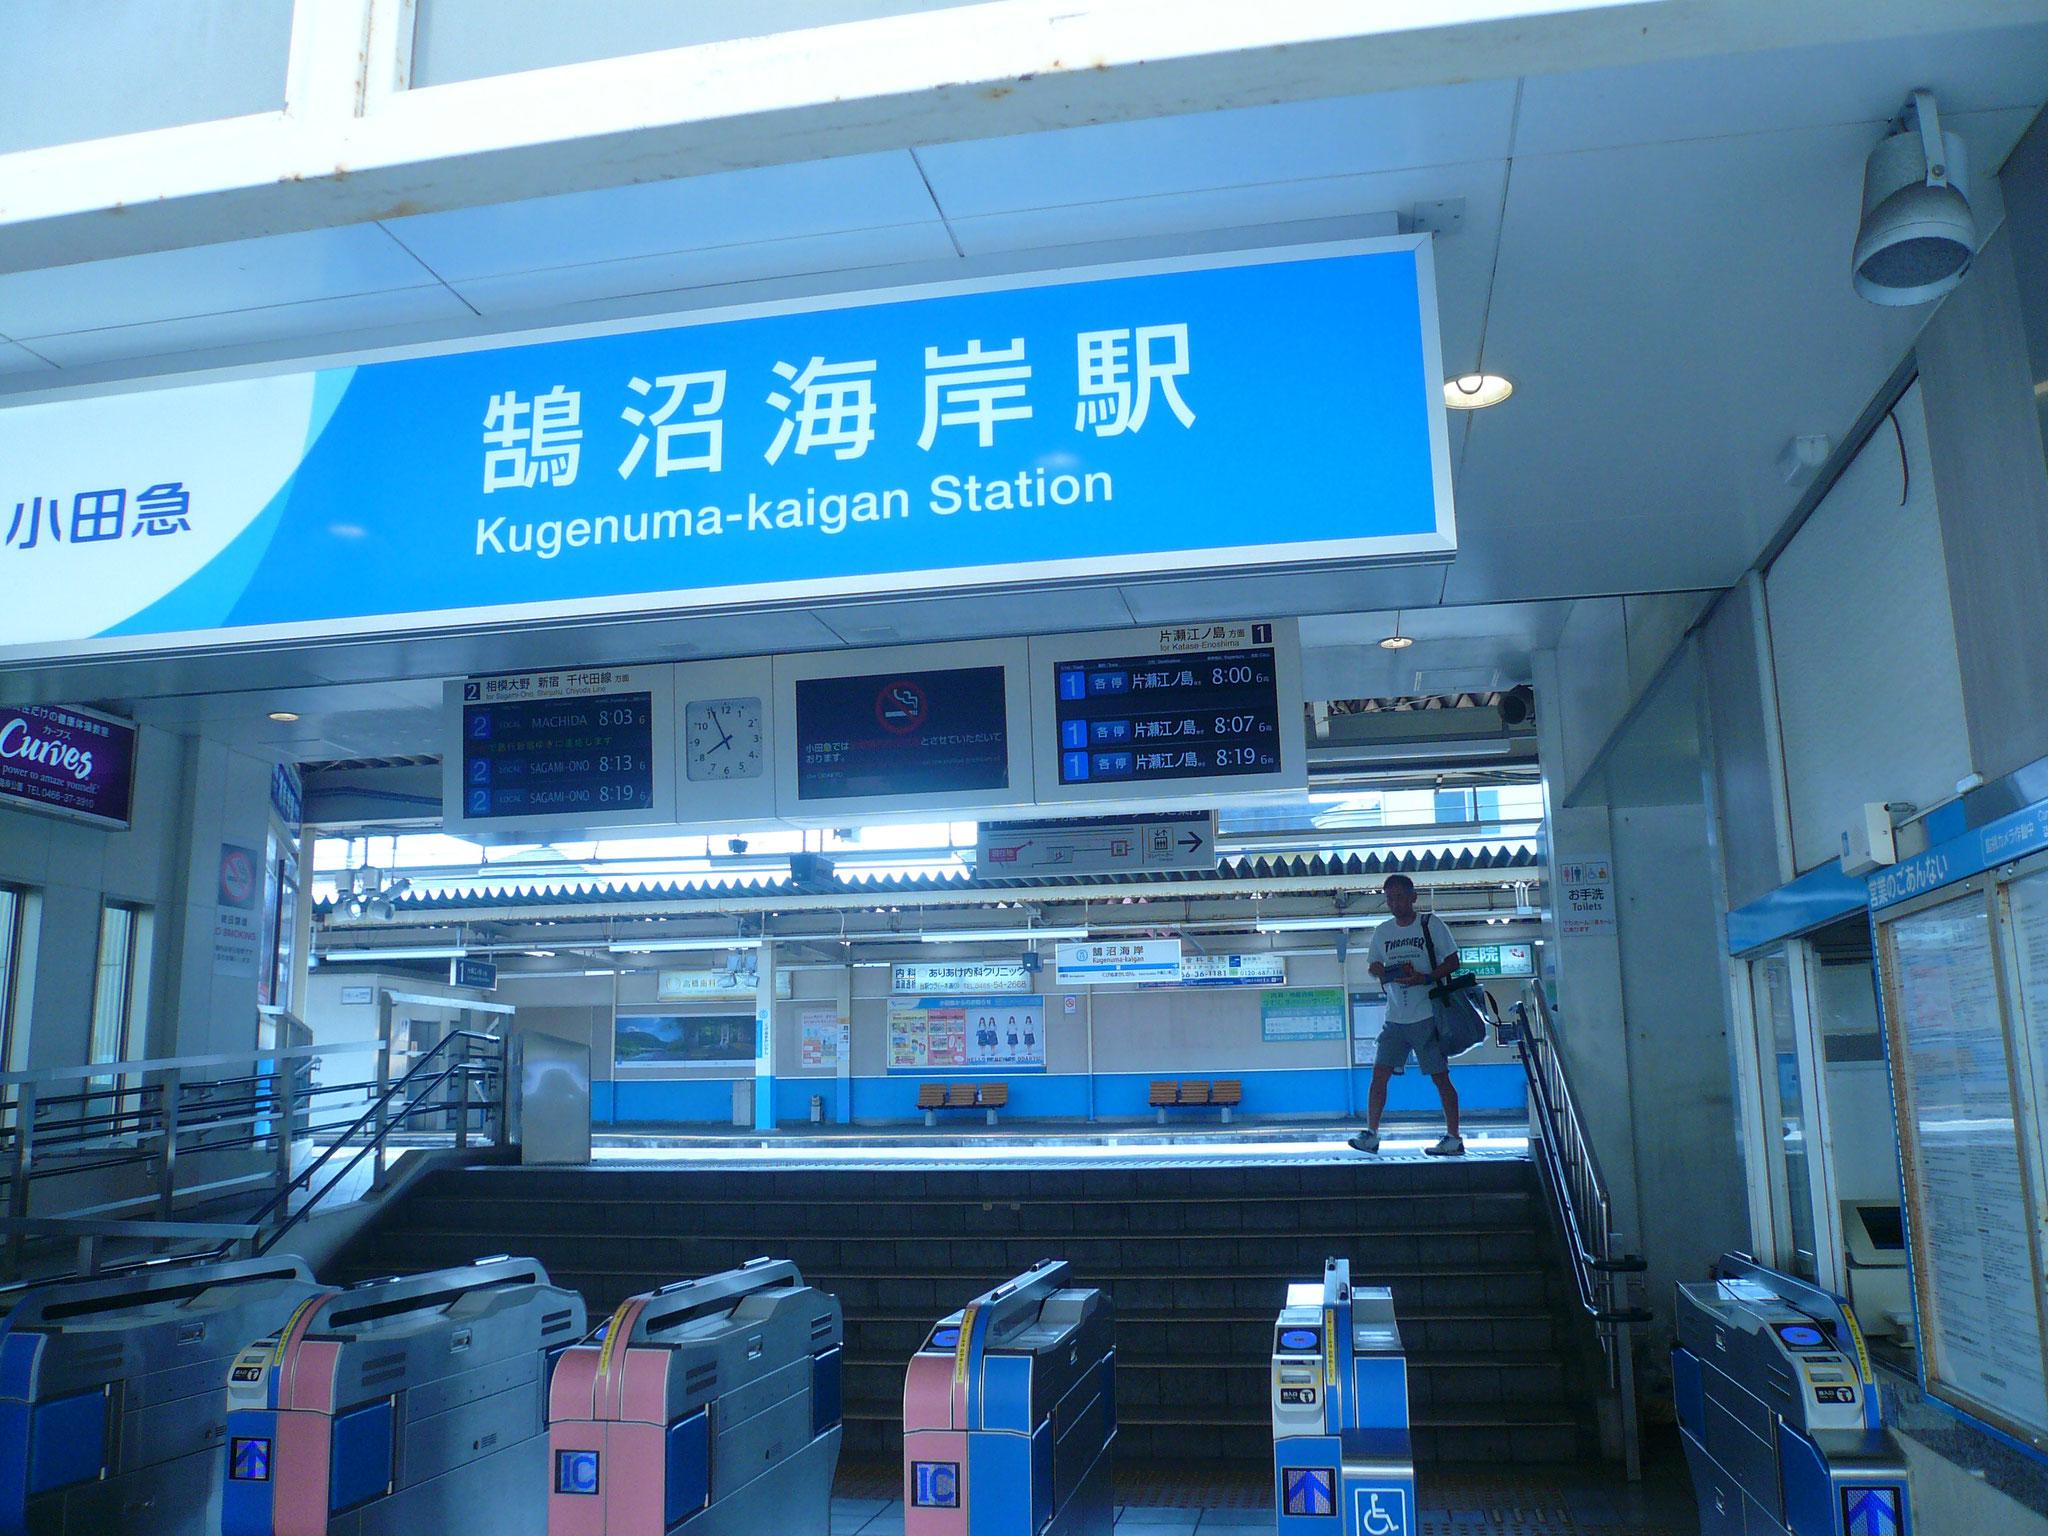 鵠沼海岸駅下車。このあと事故で小田急止まってしまう。